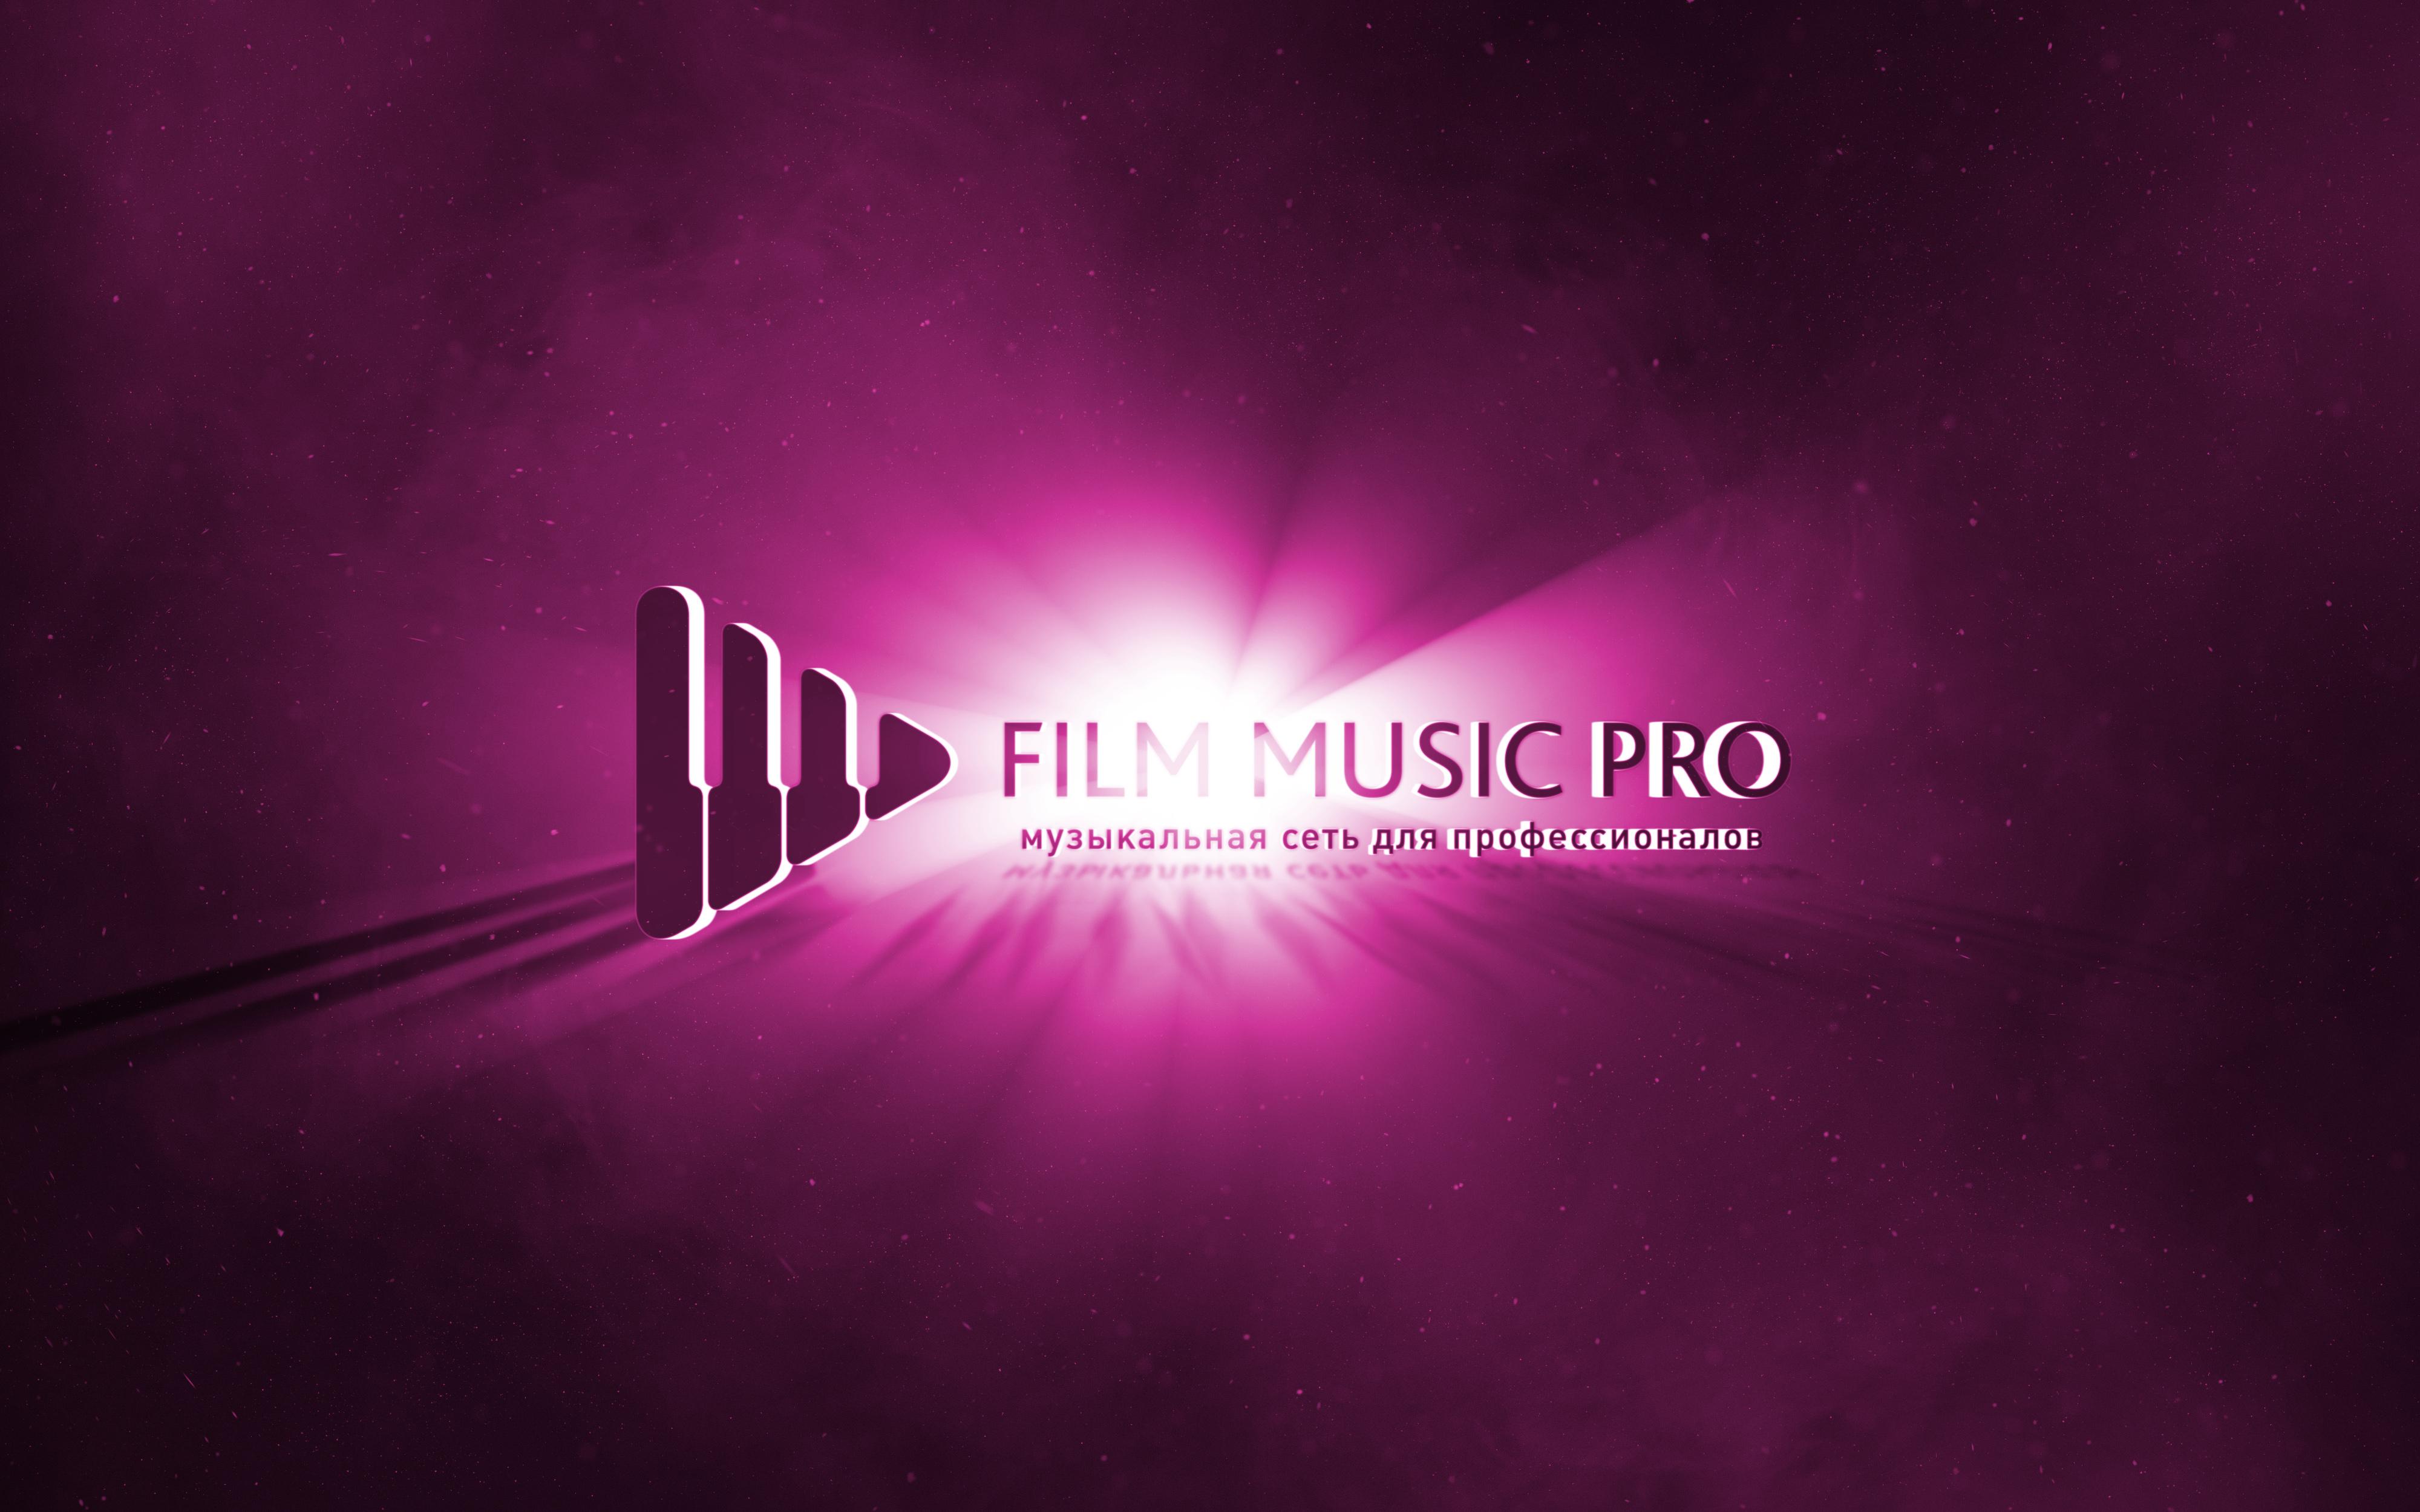 В РФ начинает работу интернациональный онлайн-сервис по поиску музыки для кино и телевидения